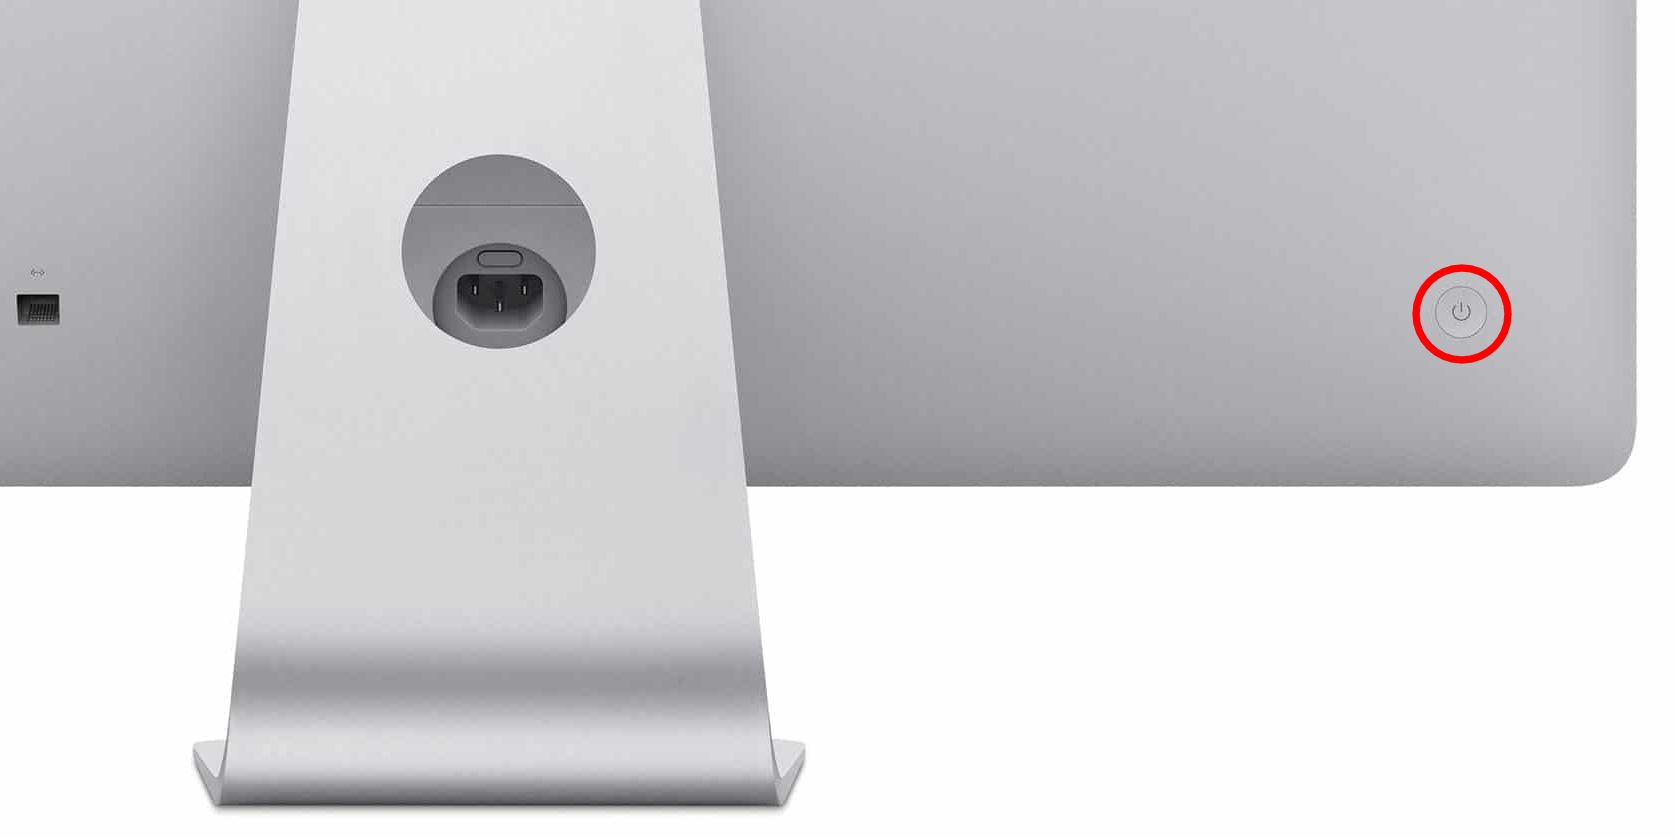 botão de alimentação do iMac